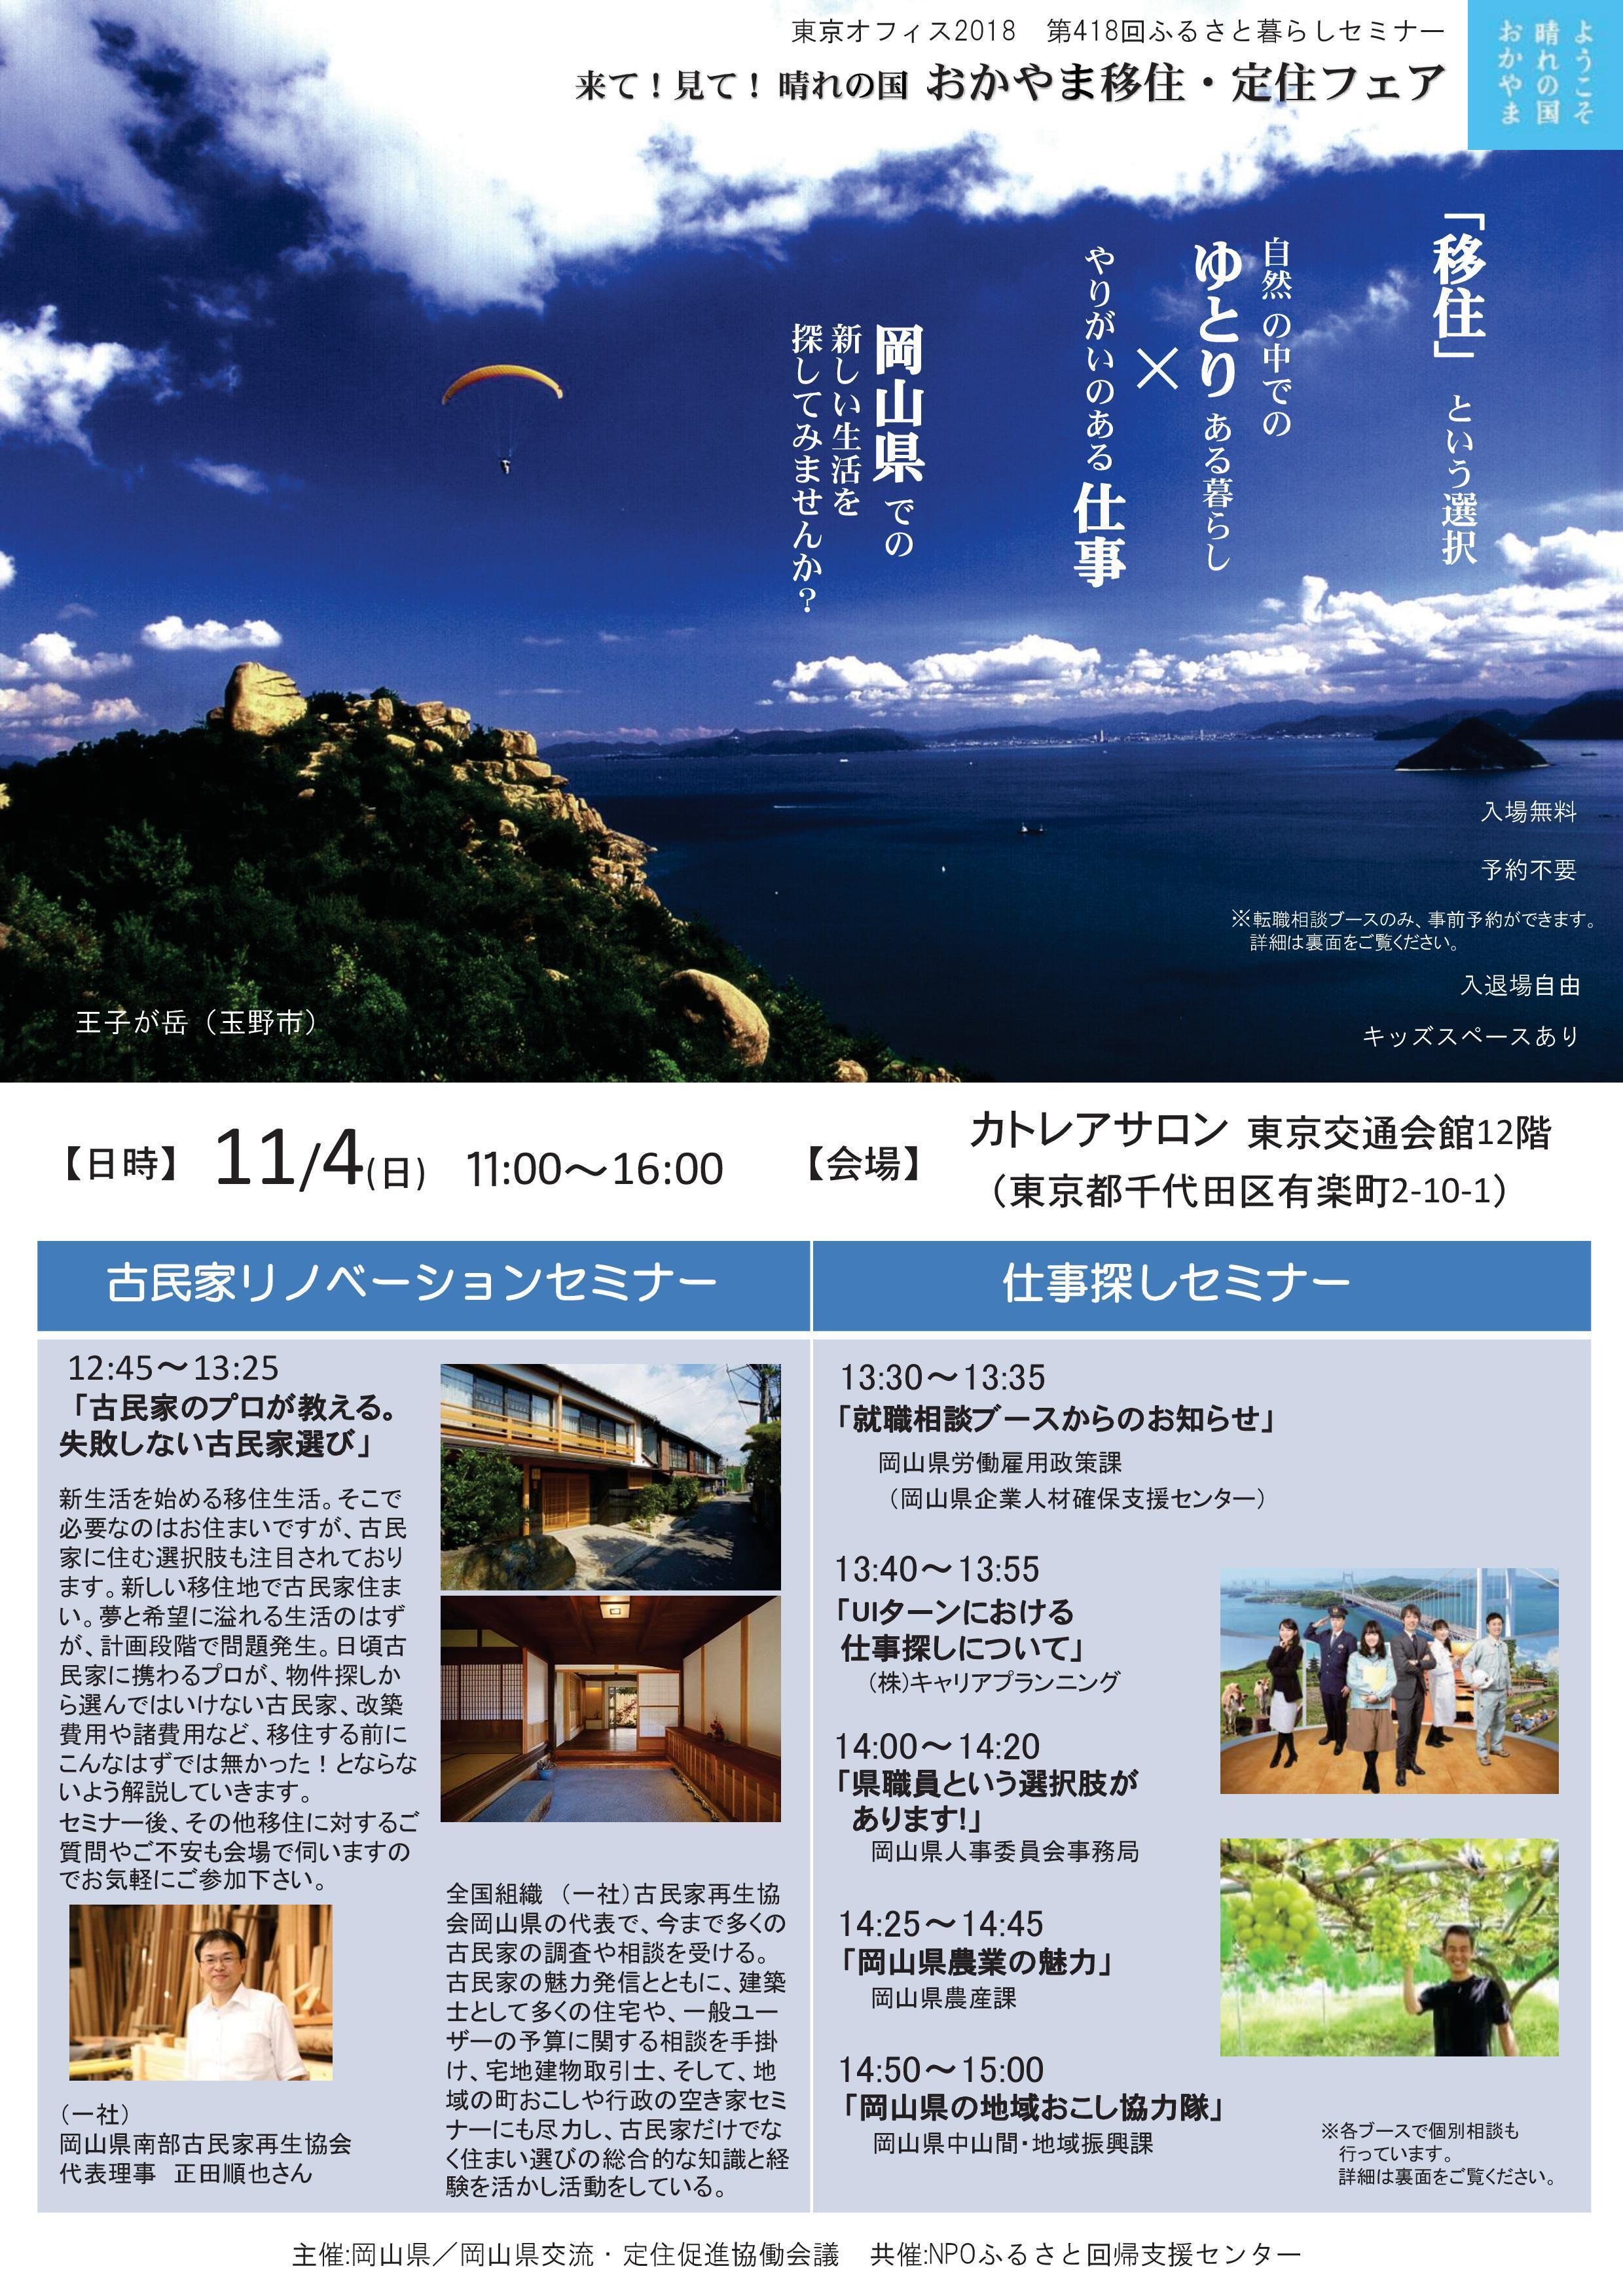 2018年11月4日(日)来て!見て!晴れの国 おかやま移住・定住フェアに津山市も参加します。